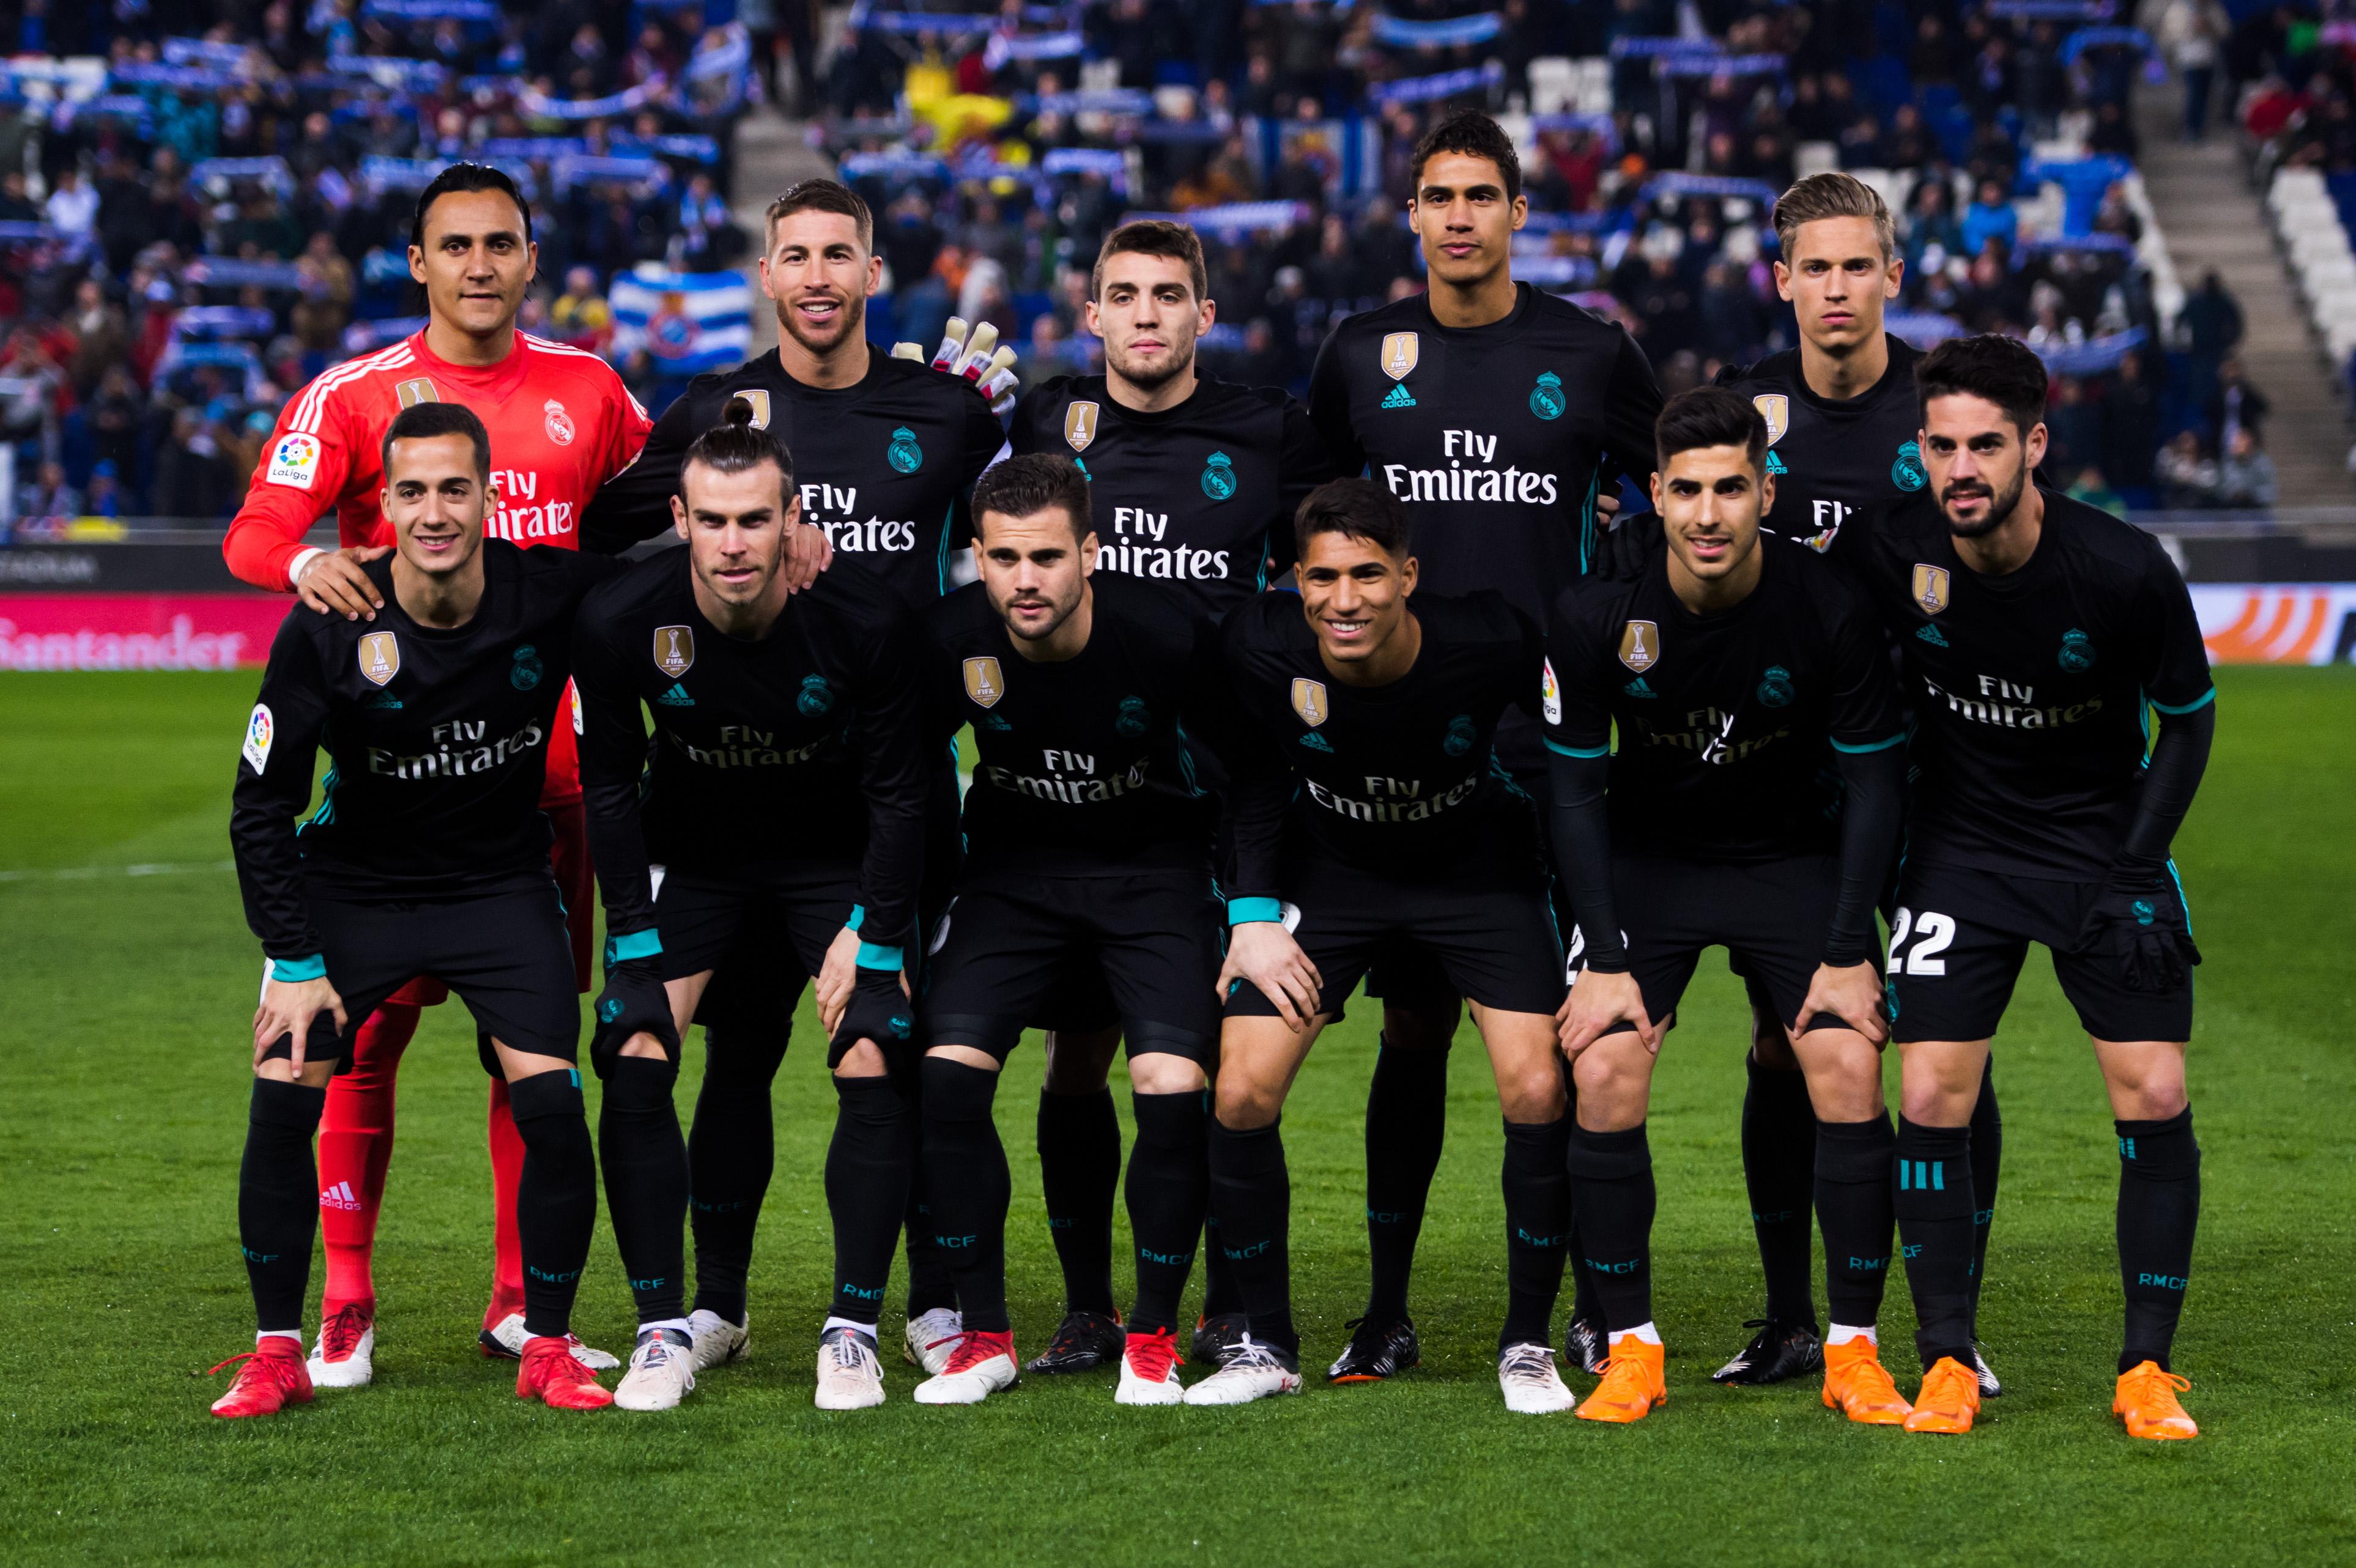 Watch Getafe Cf Vs Real Madrid Live Stream La Liga: Real Madrid CF: La Liga